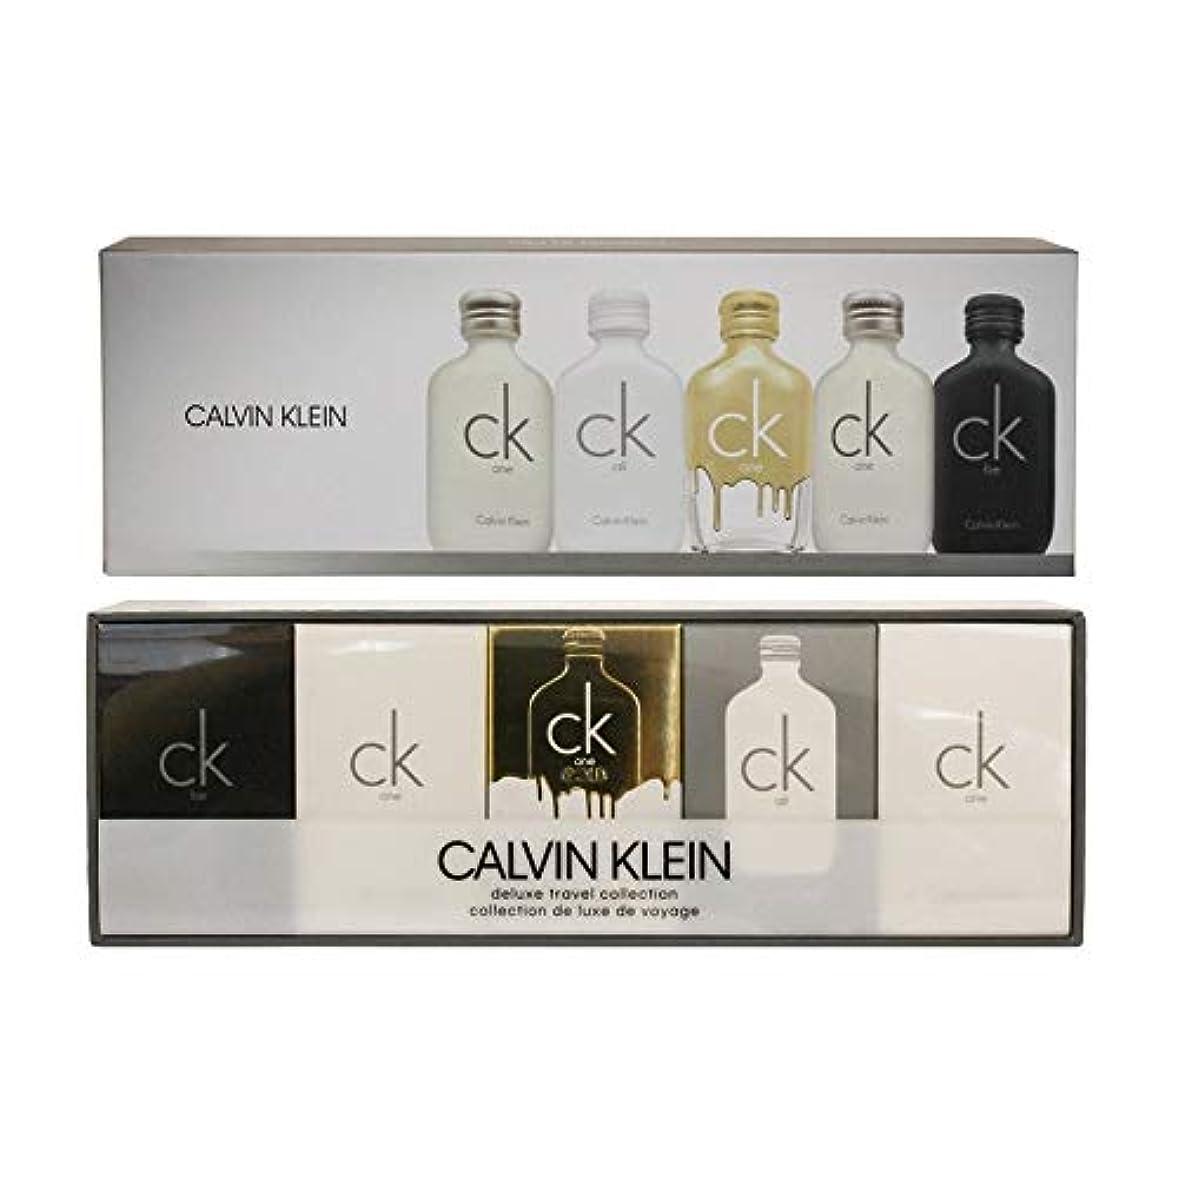 仲介者選出する通り抜けるカルバン クライン CALVIN KLEIN ck シーケー デラックス トラベル コレクション ミニチュア ギフトセット 10ml×5本